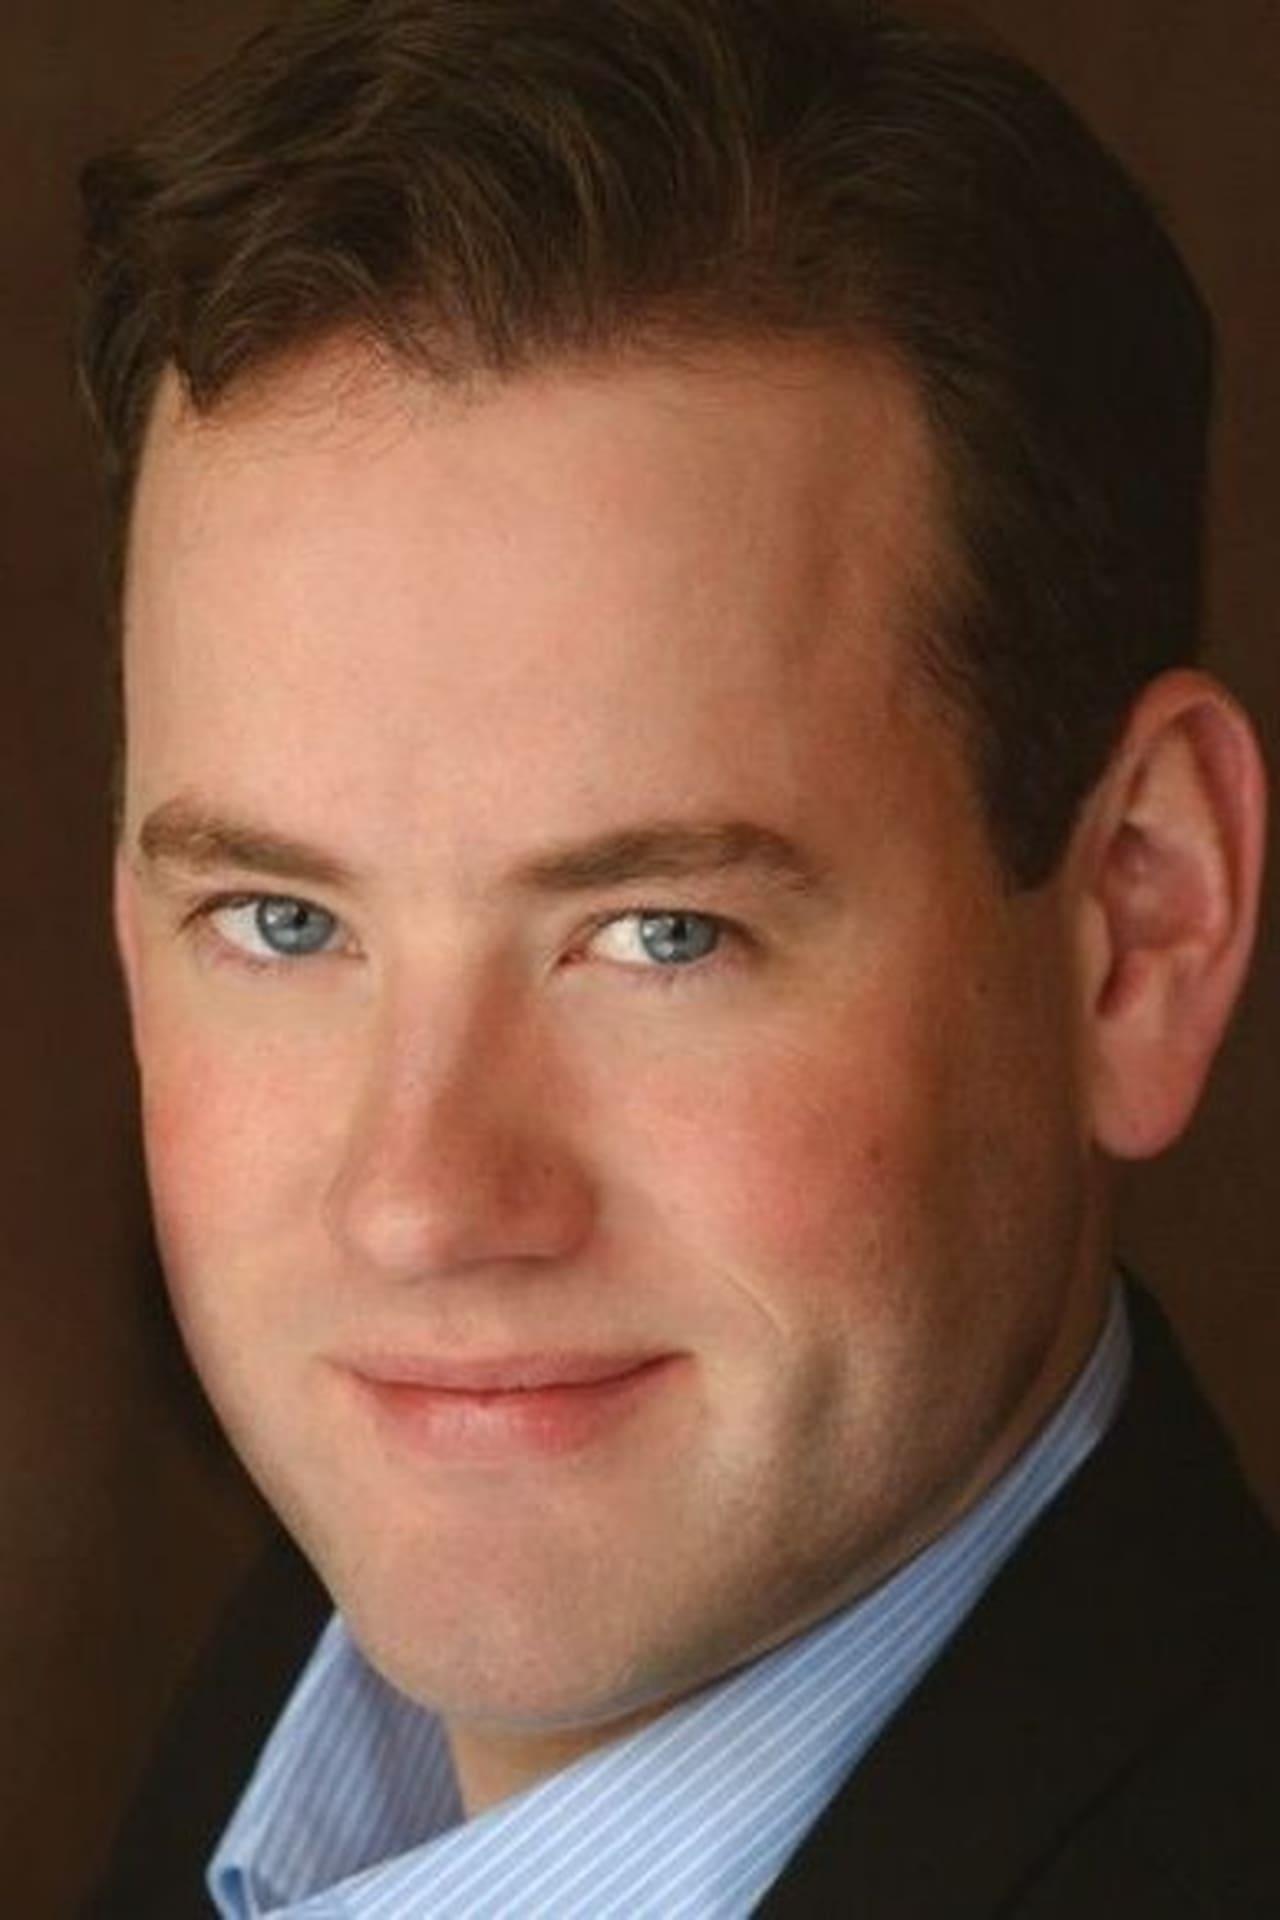 Seth William Meier